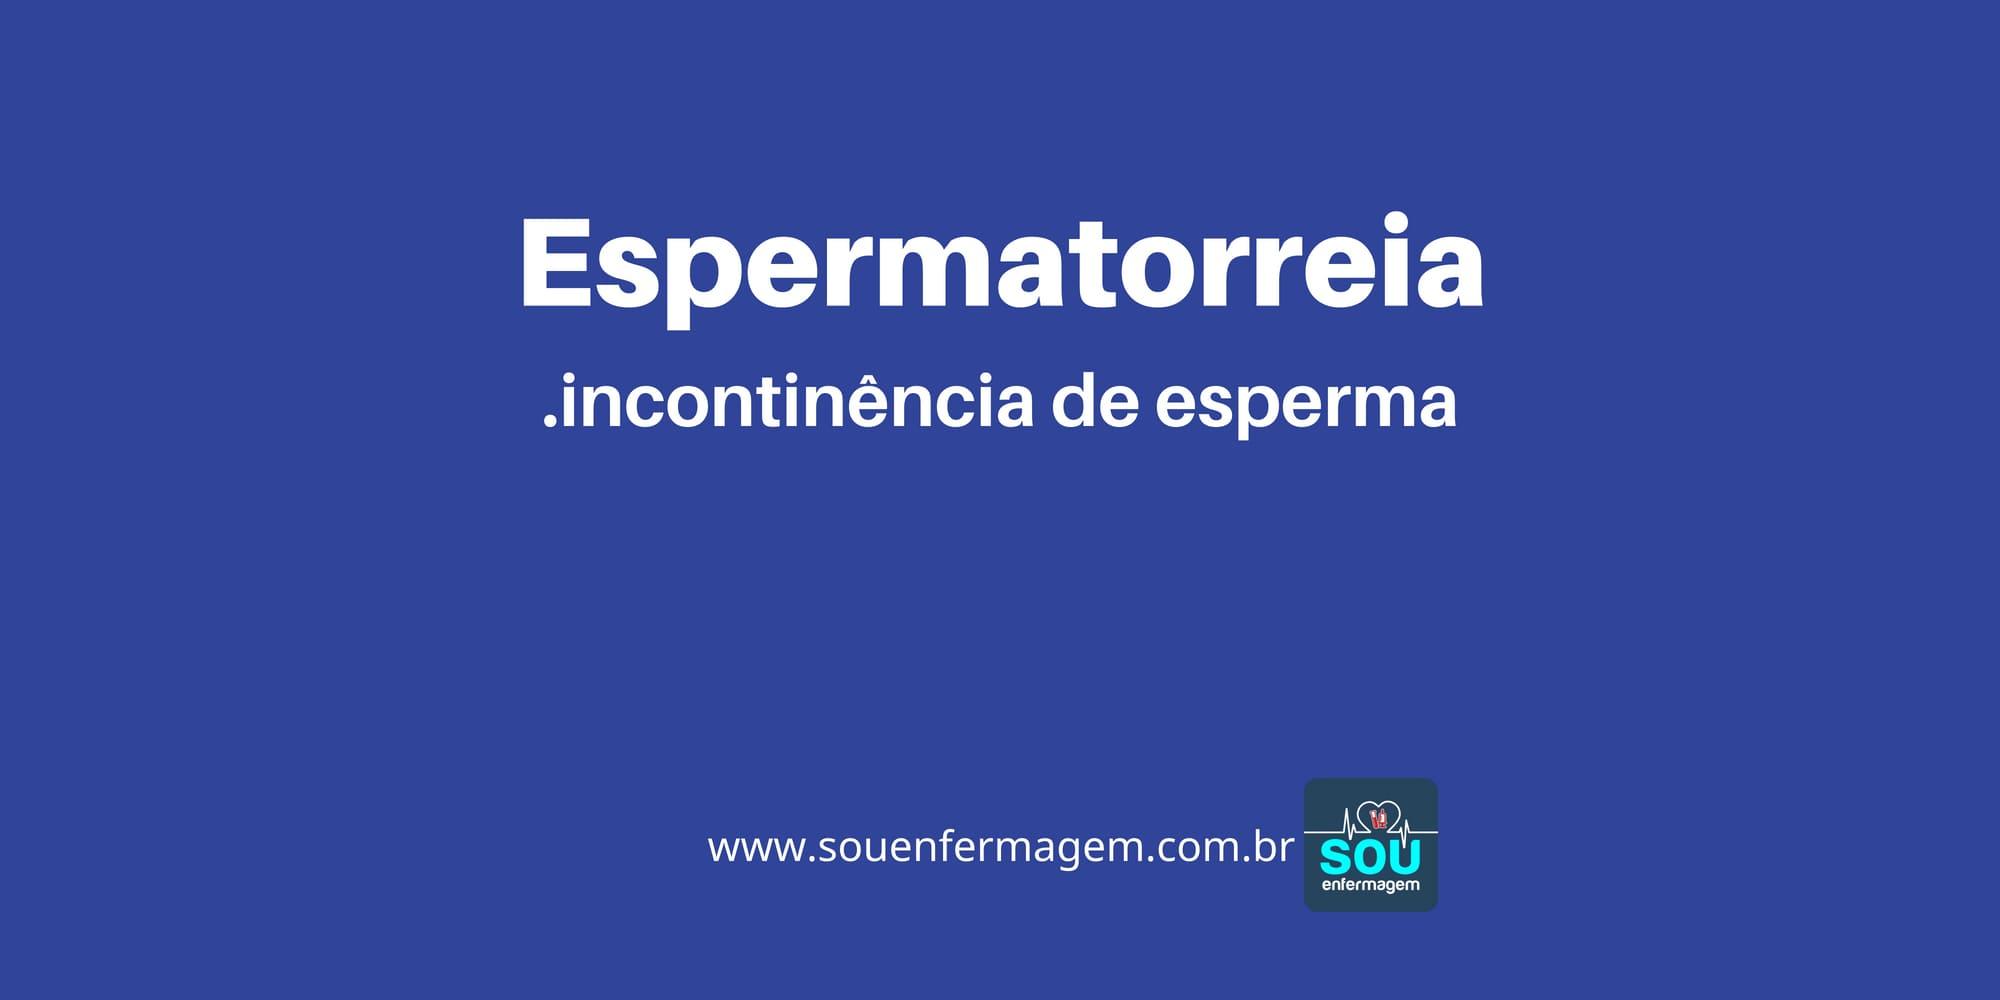 Espermatorreia